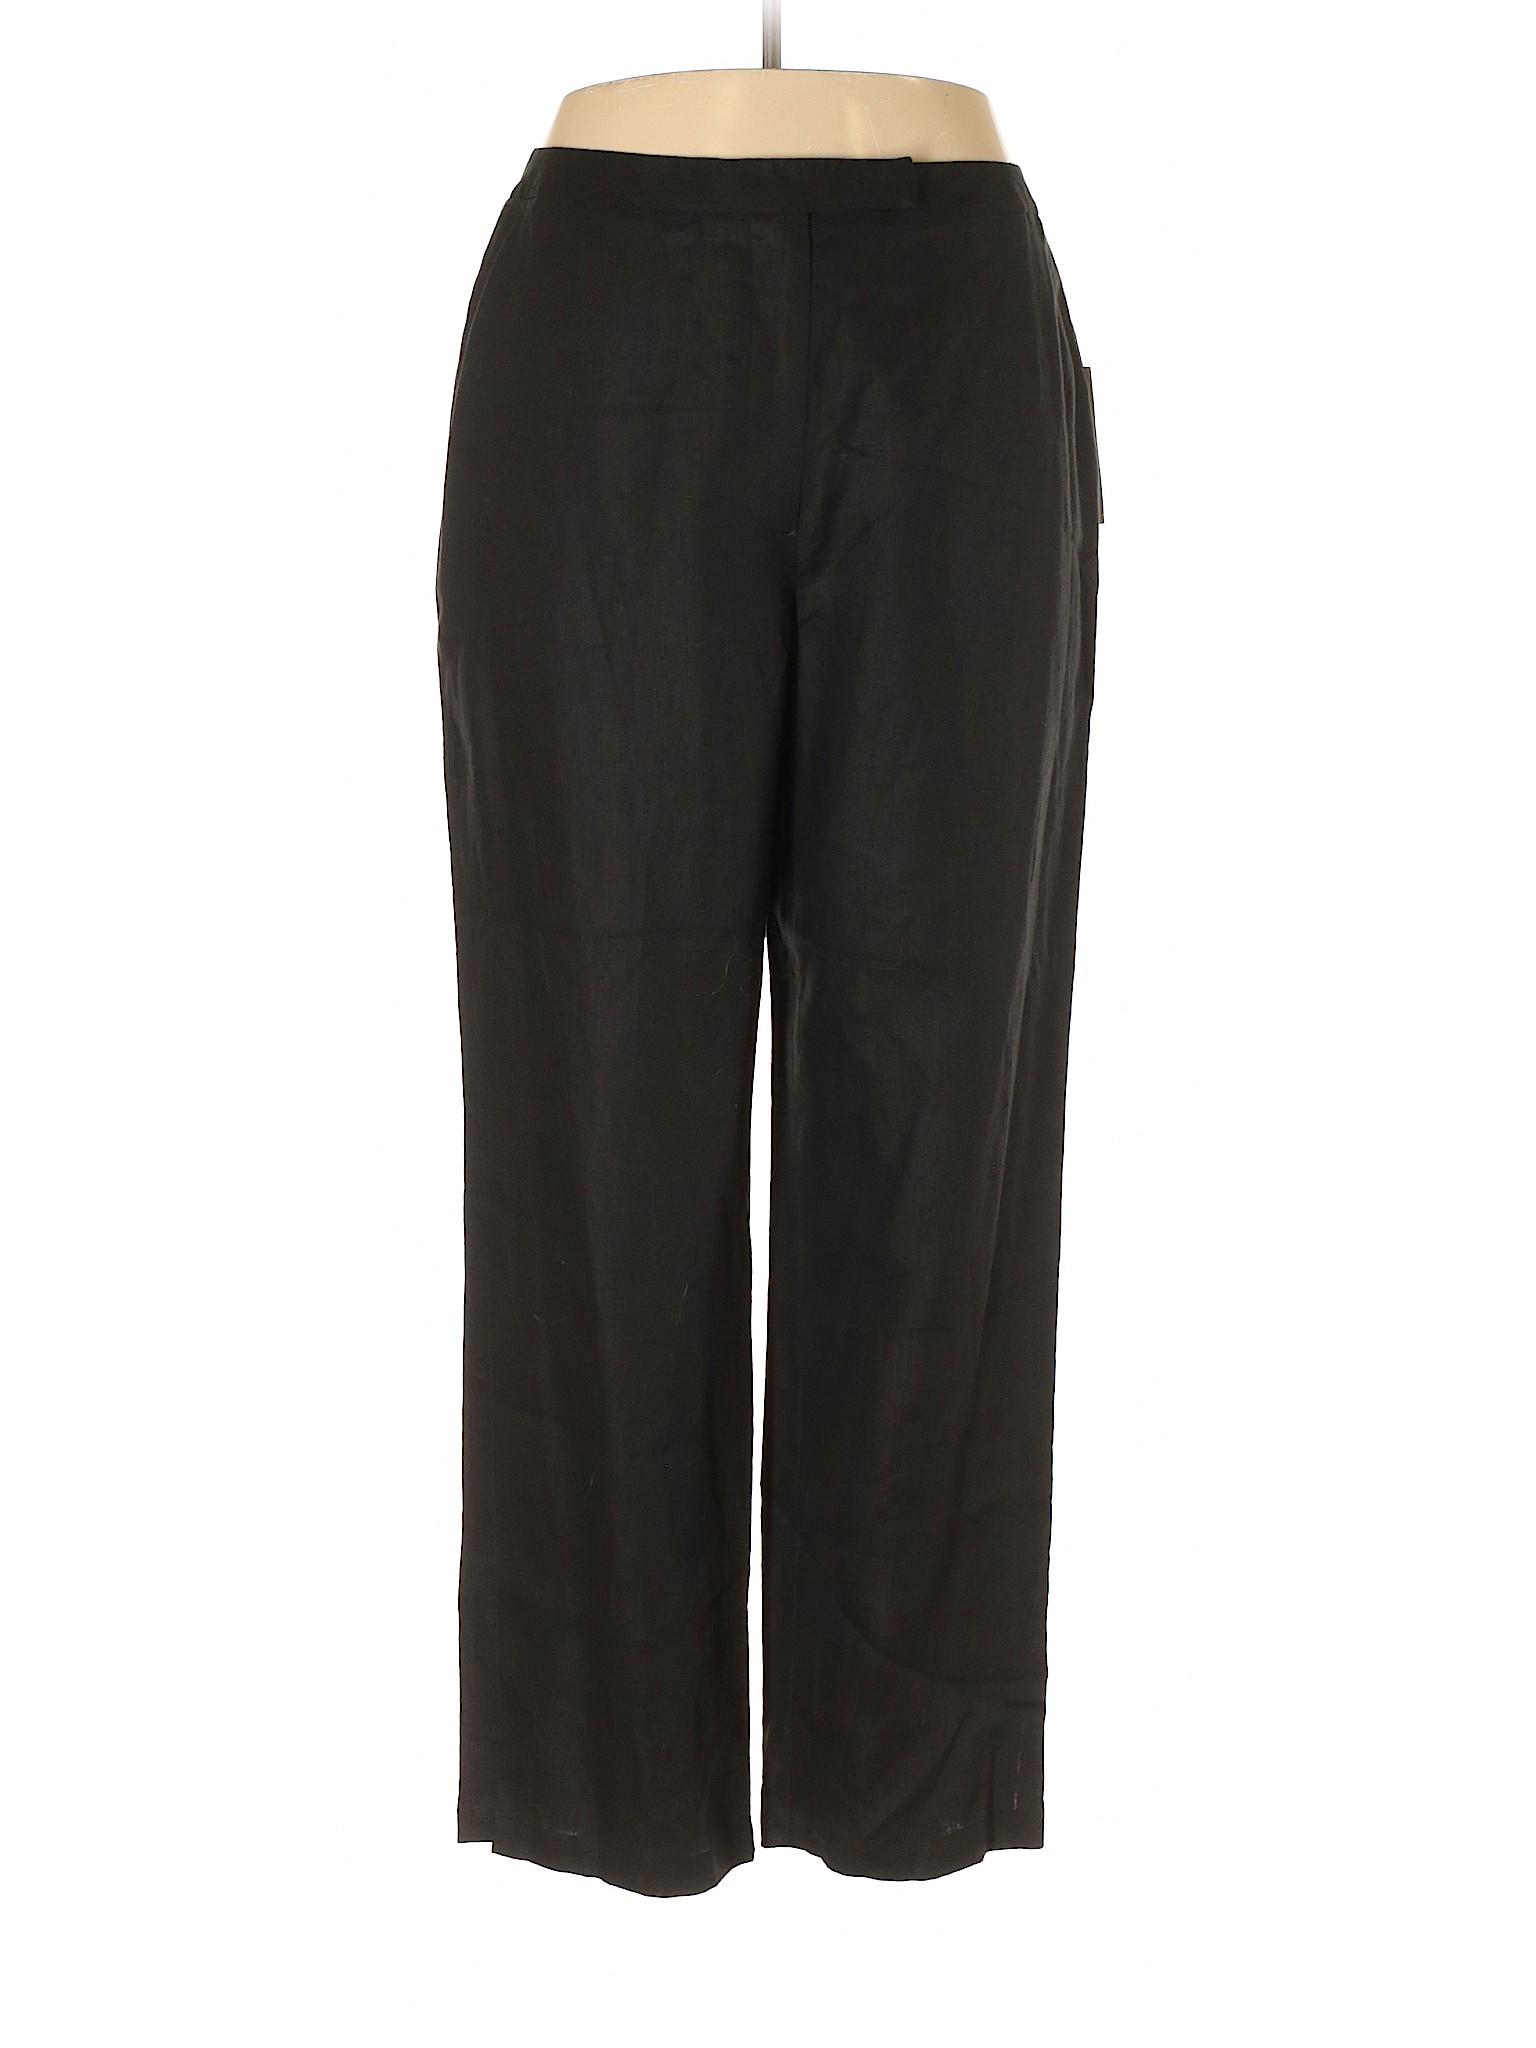 Ltd Boutique Linen Pursuits winter Pants qnBTzEw